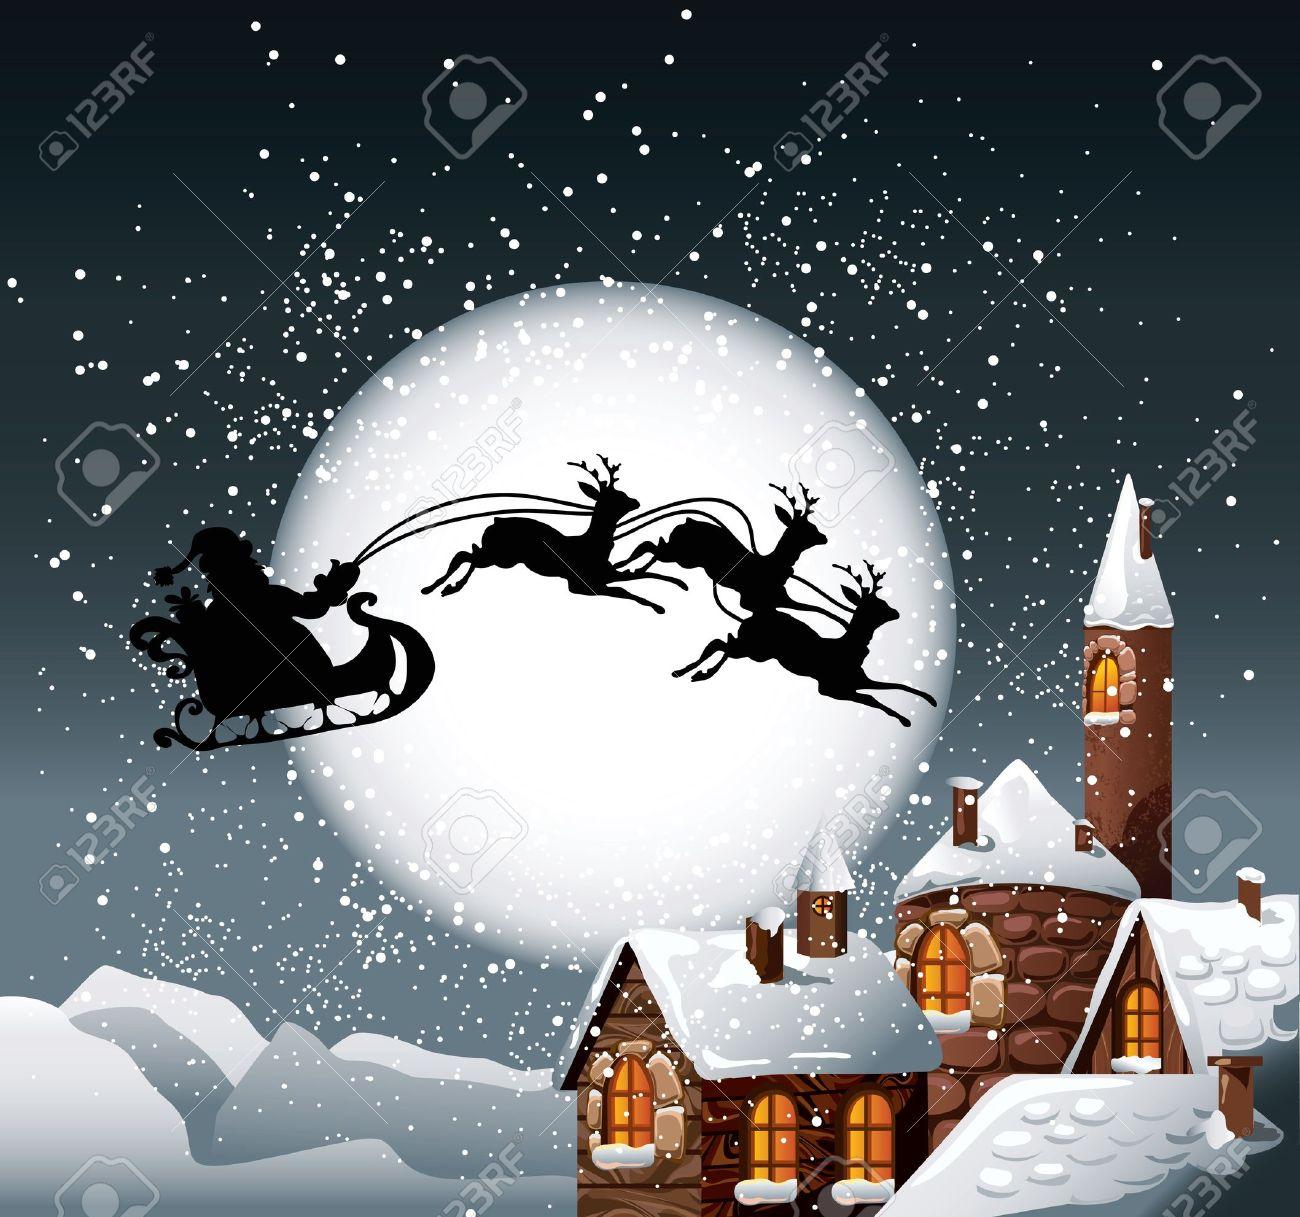 Immagini Babbo Natale Con Renne.Illustrazione Di Natale Di Babbo Natale E Le Sue Renne Su Sfondo Luna Piena Con La Citta Innevata